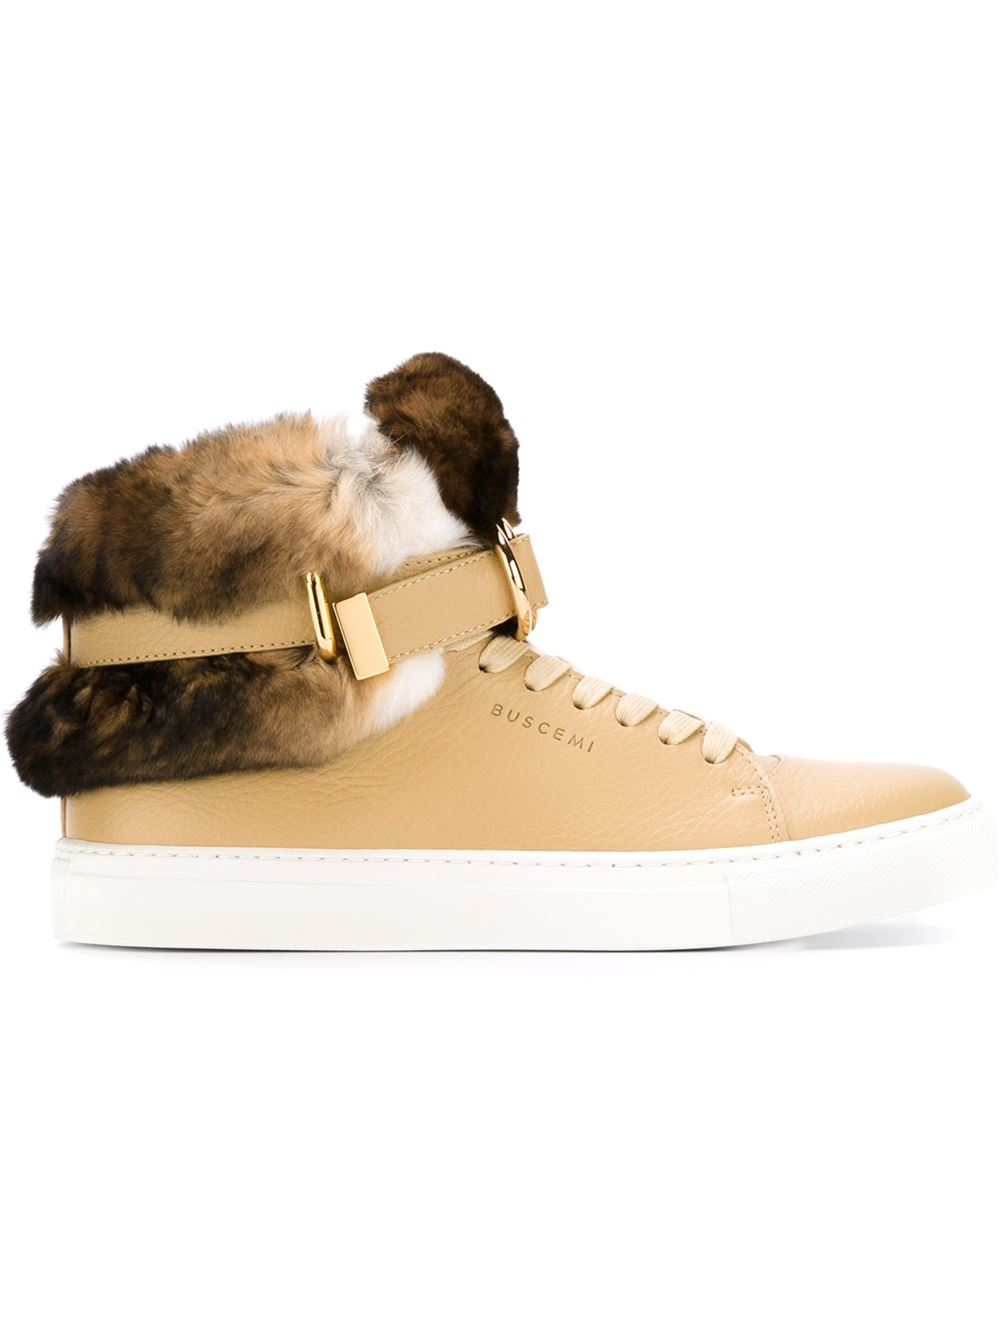 Lyst Buscemi Rabbit Fur Detail Hi top Sneakers in Natural